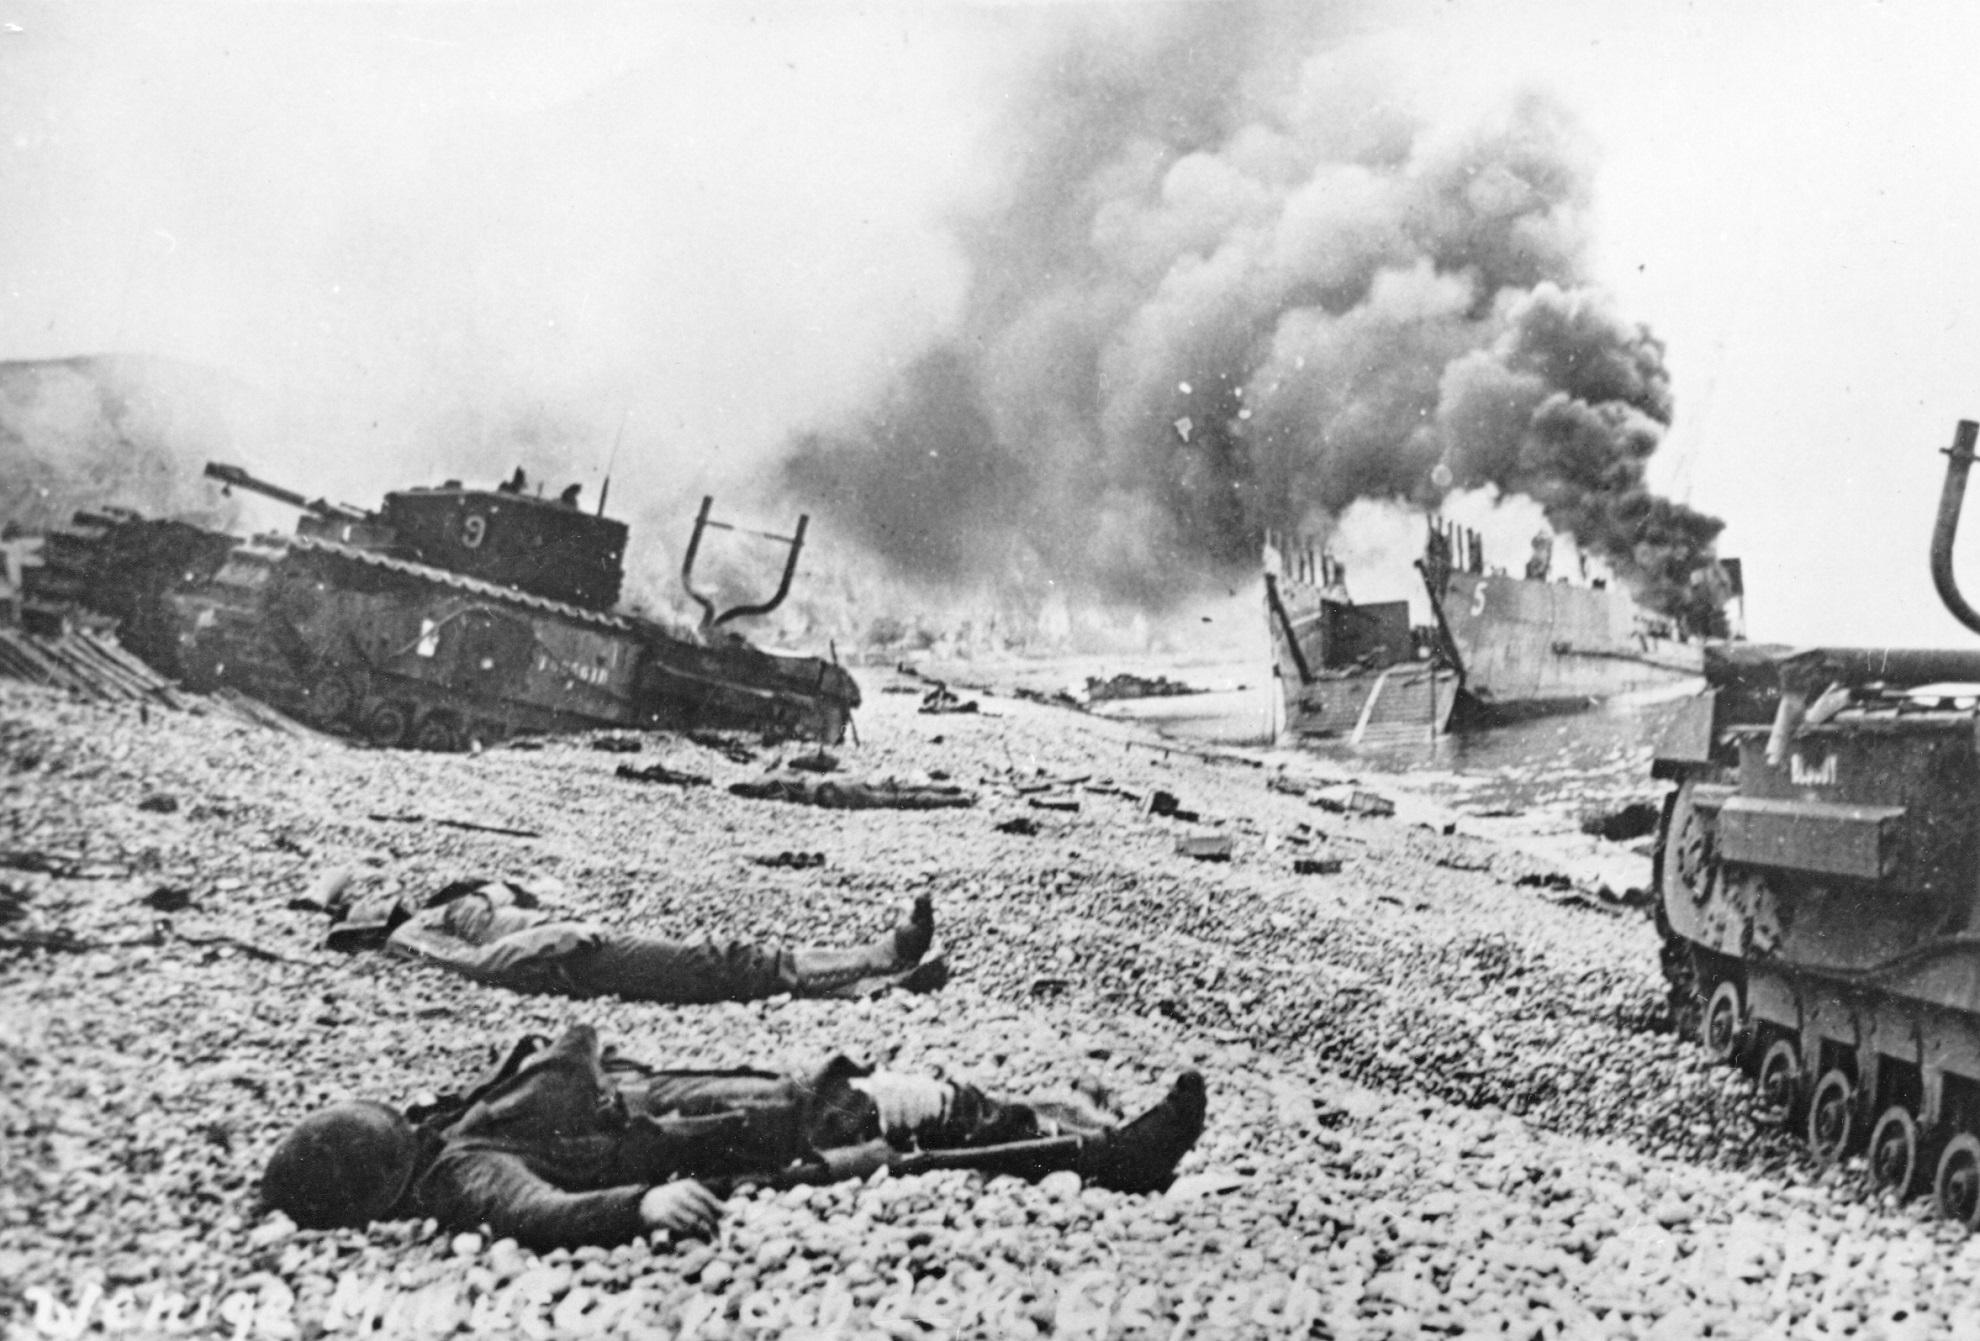 Bodies_of_Canadian_soldiers_-_Dieppe_Raid.jpg